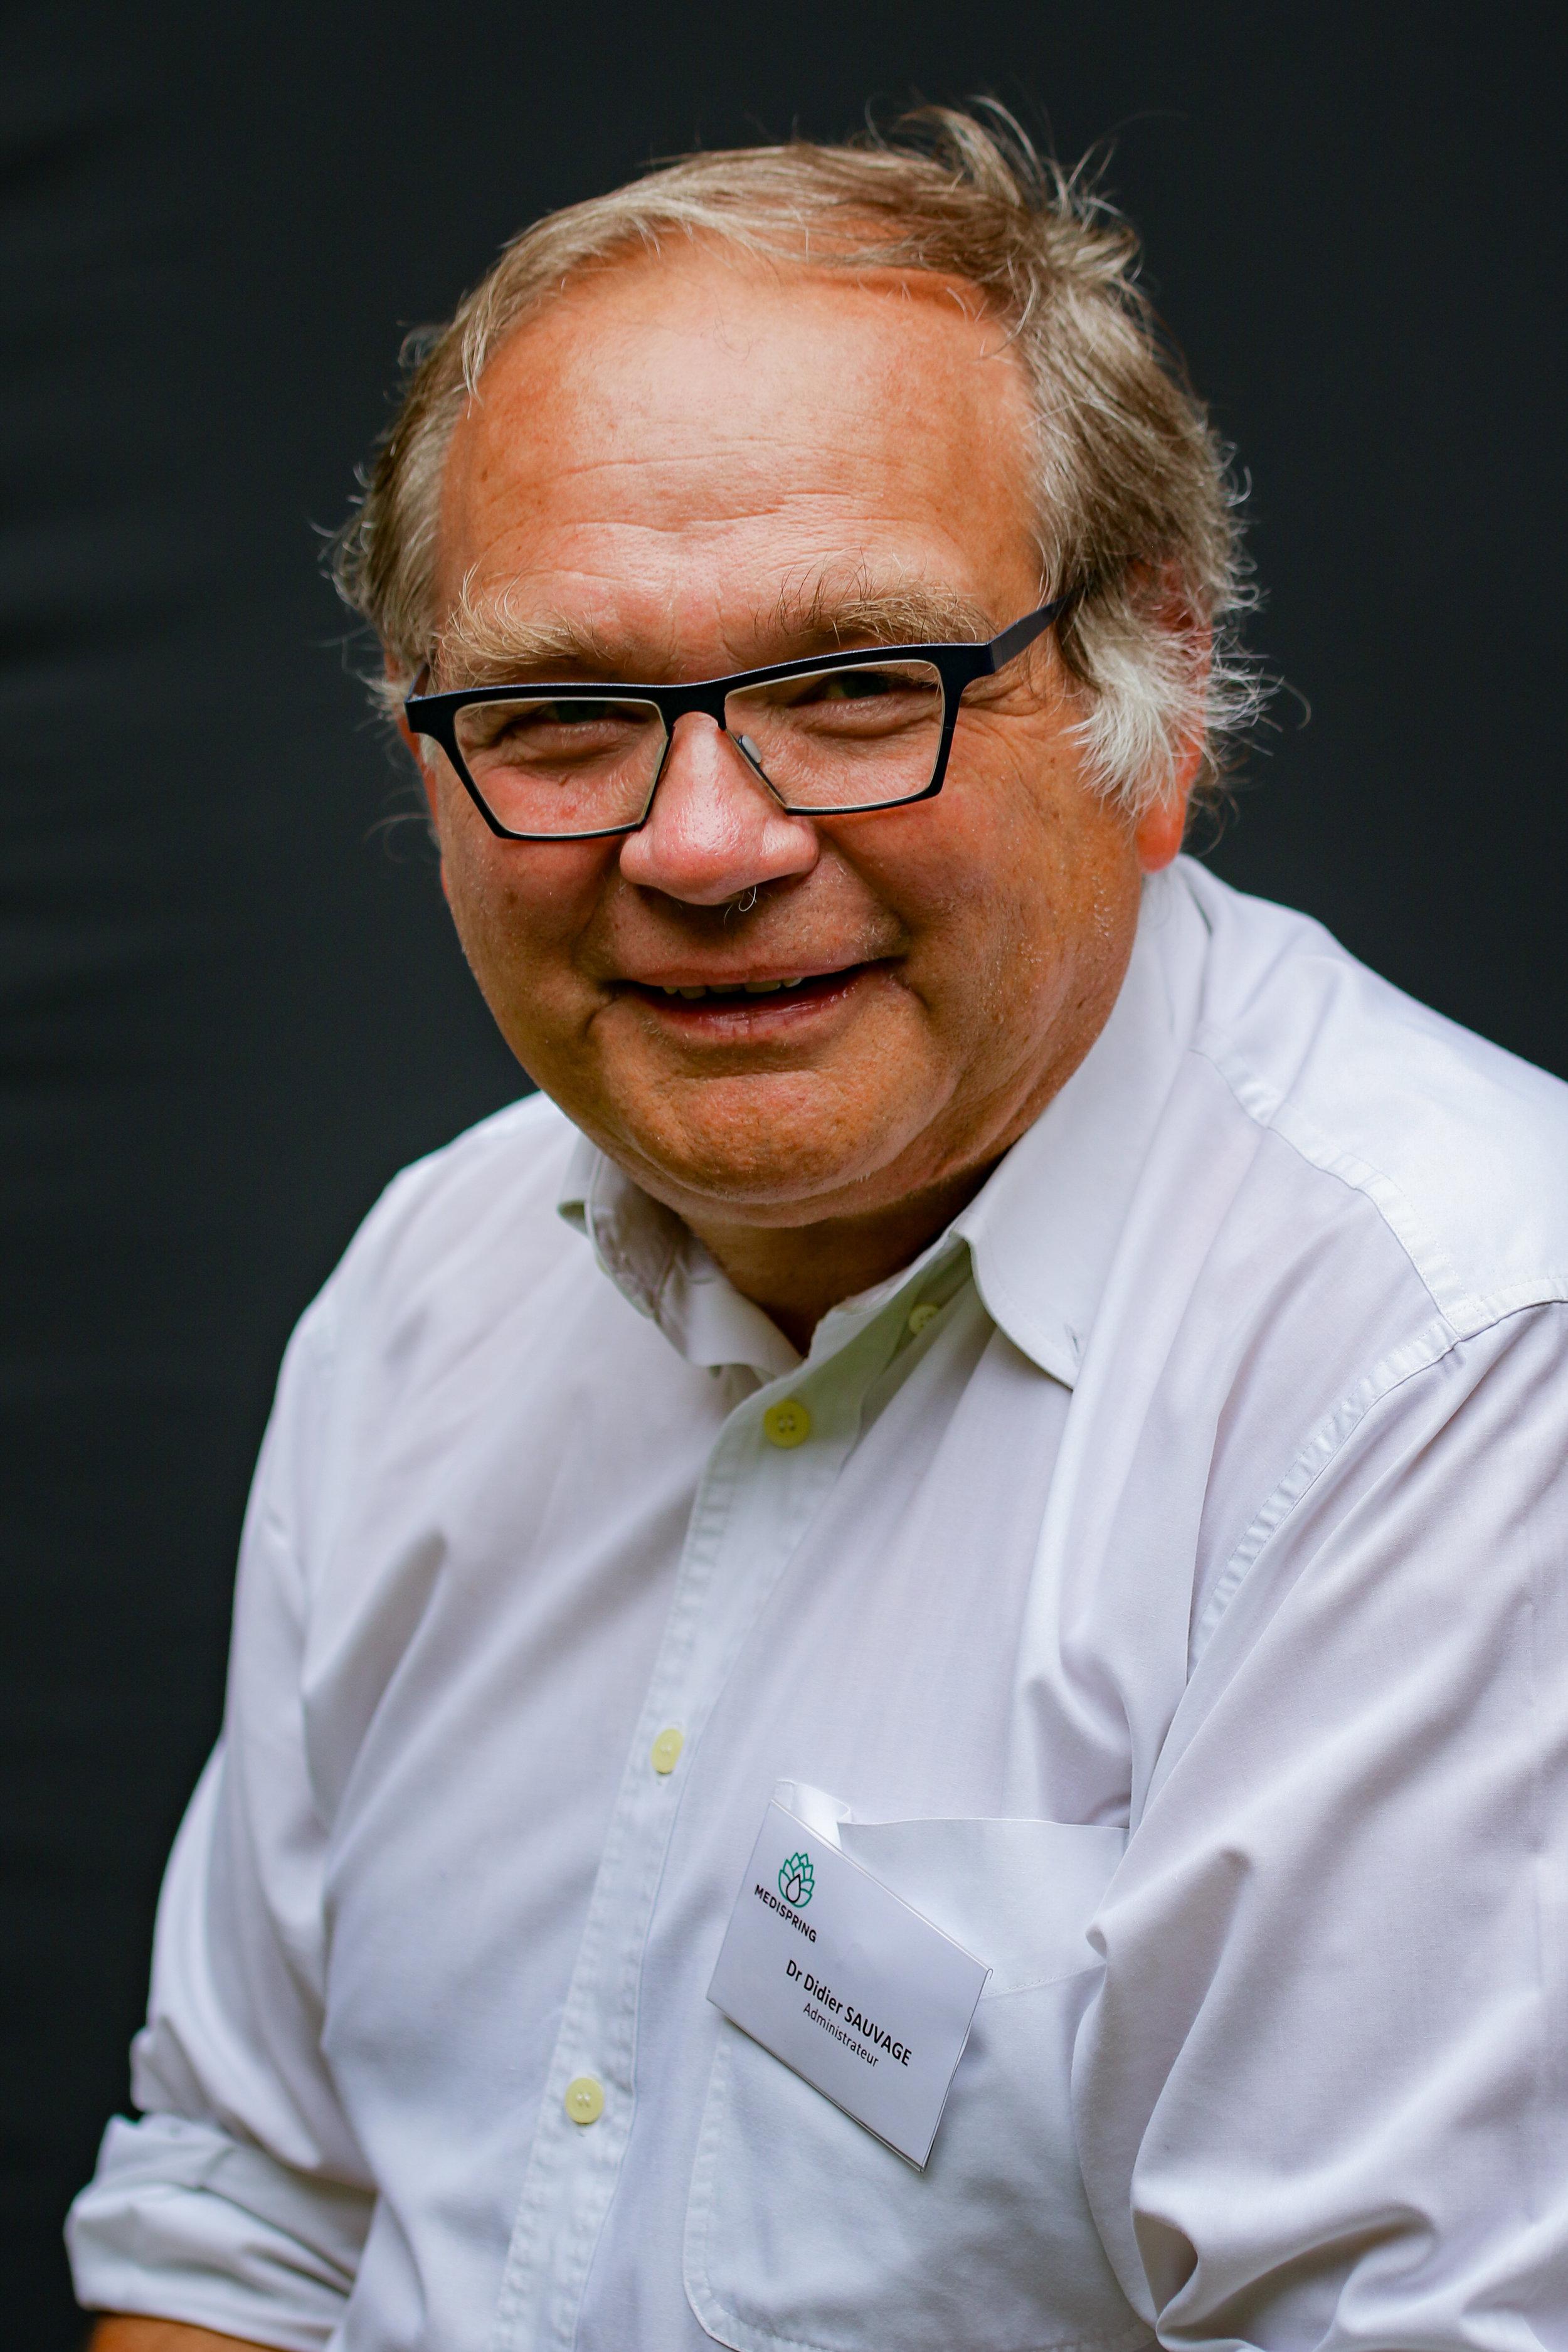 Dr. Didier Sauvage